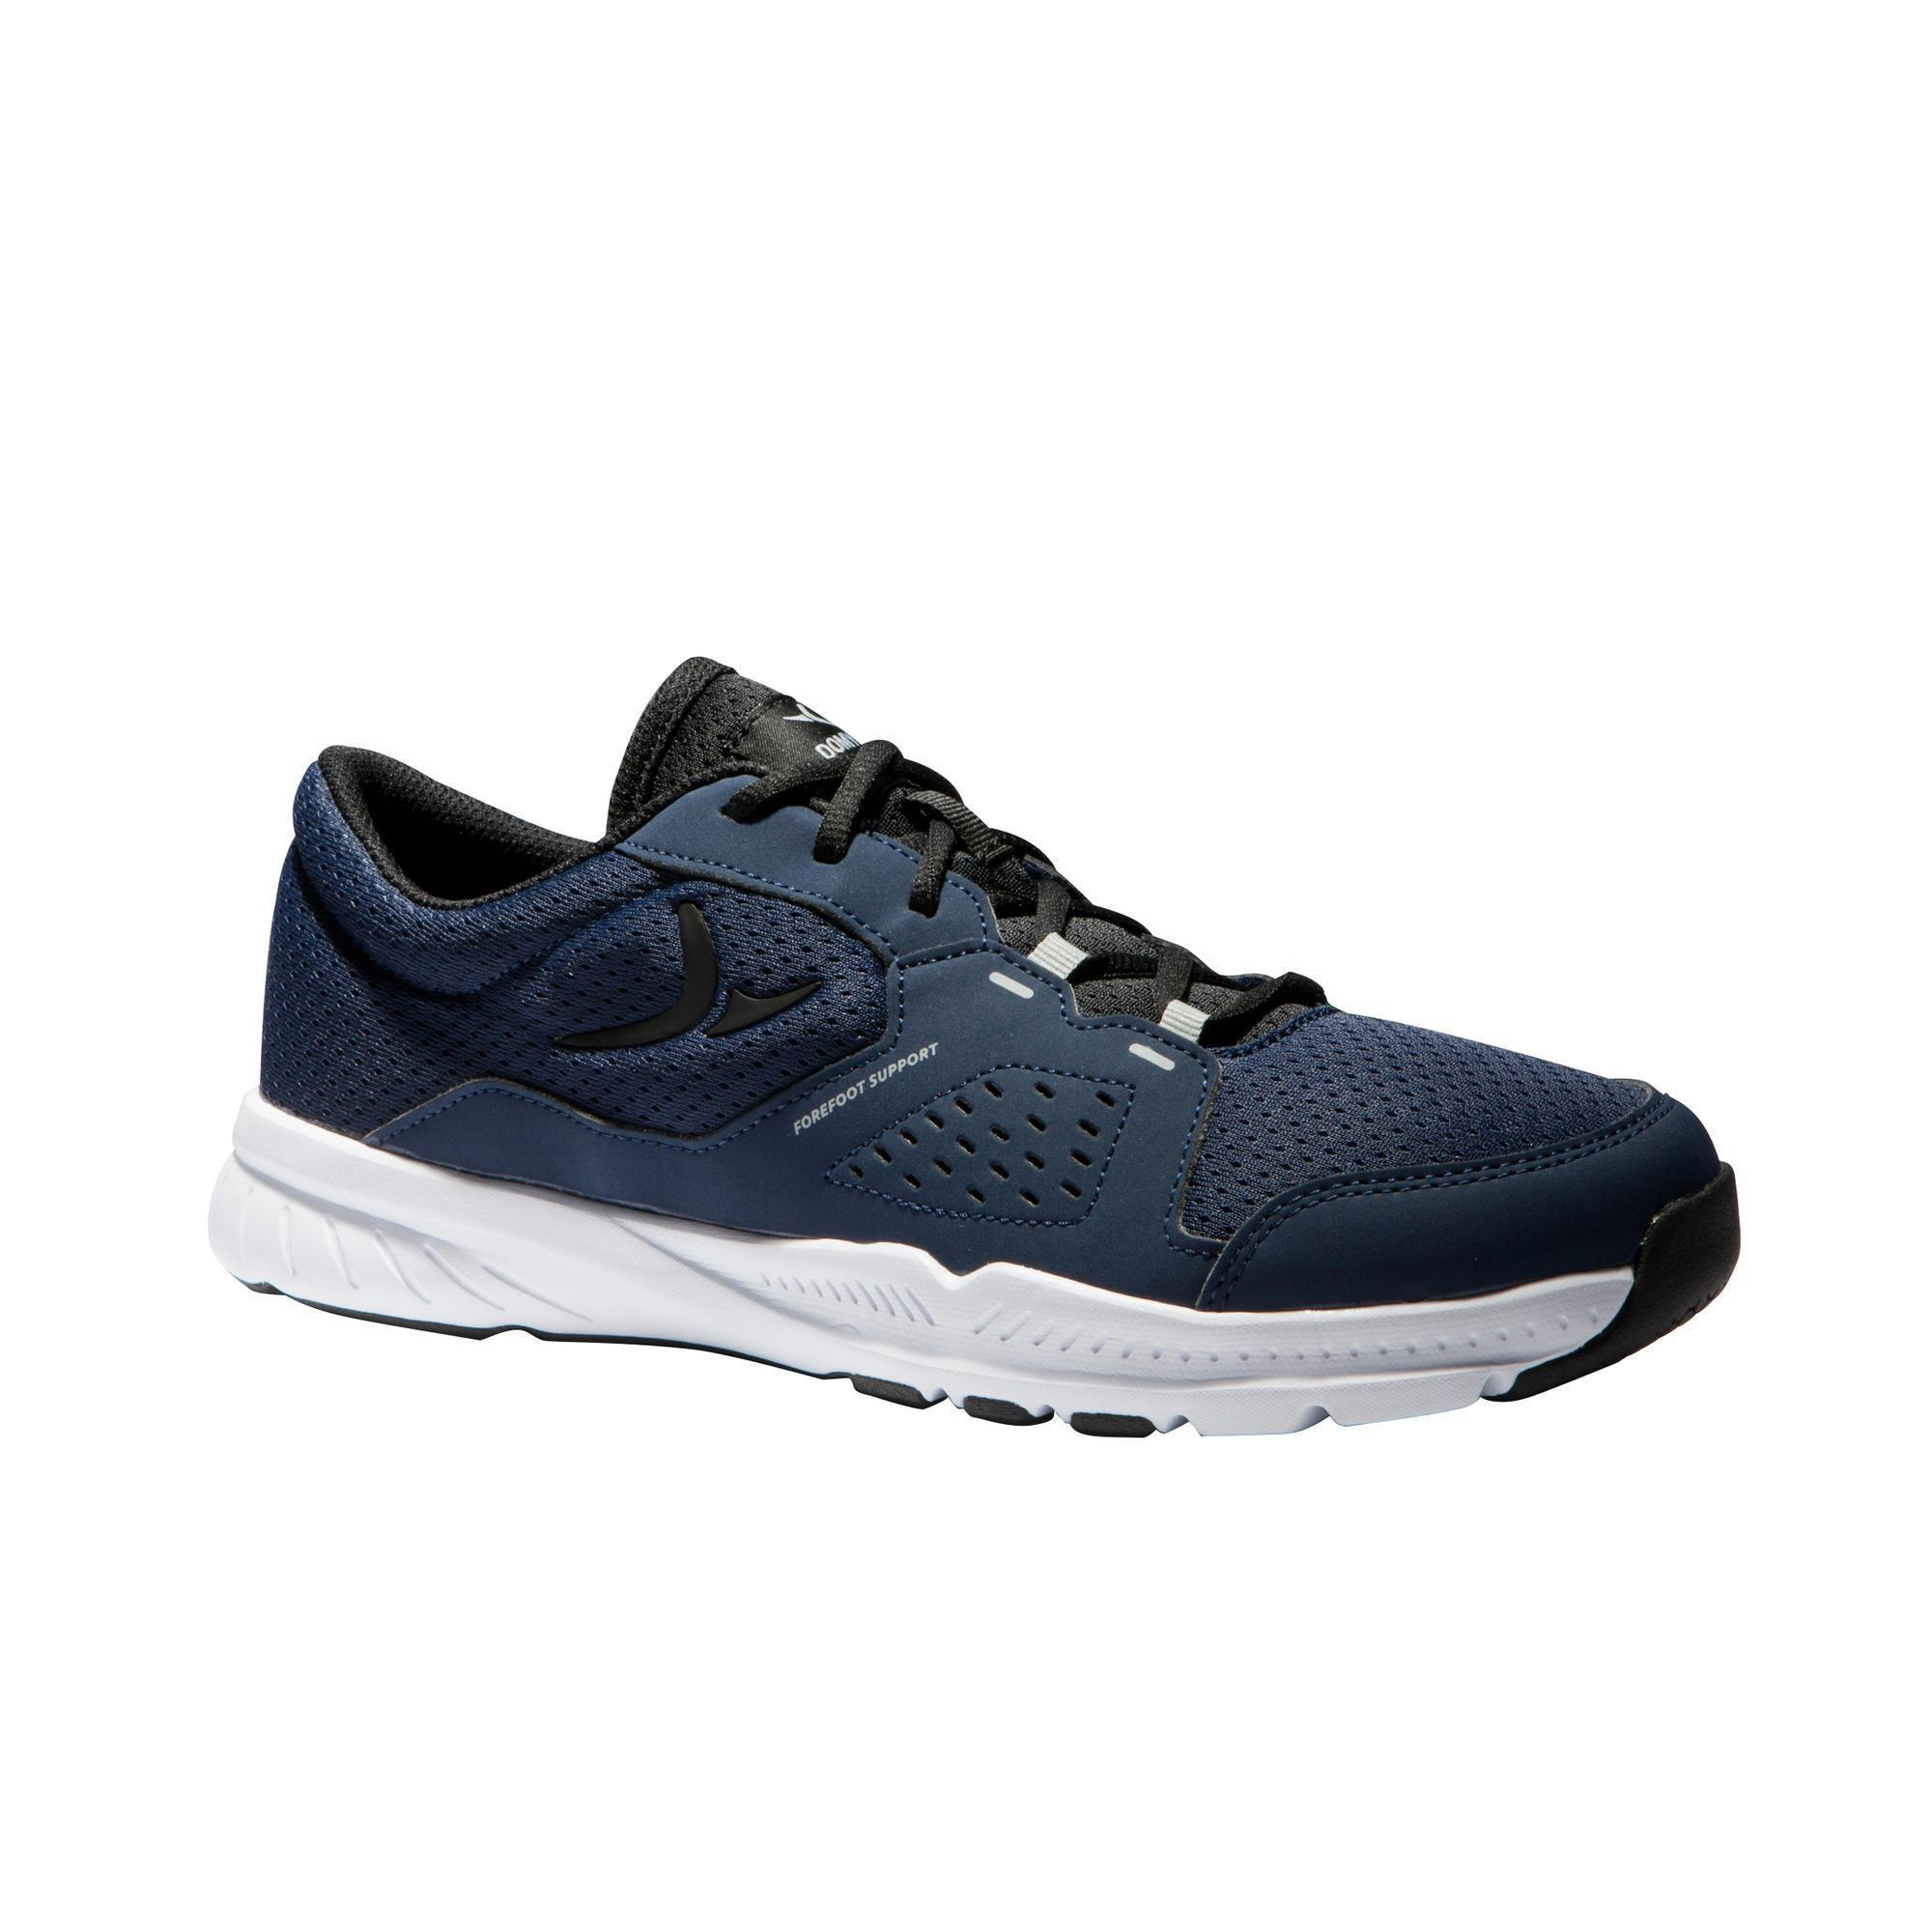 disponibilità nel Regno Unito e62f7 ea8c3 Abbigliamento uomo - Scarpe uomo cardio fitness 100 nero-azzurro